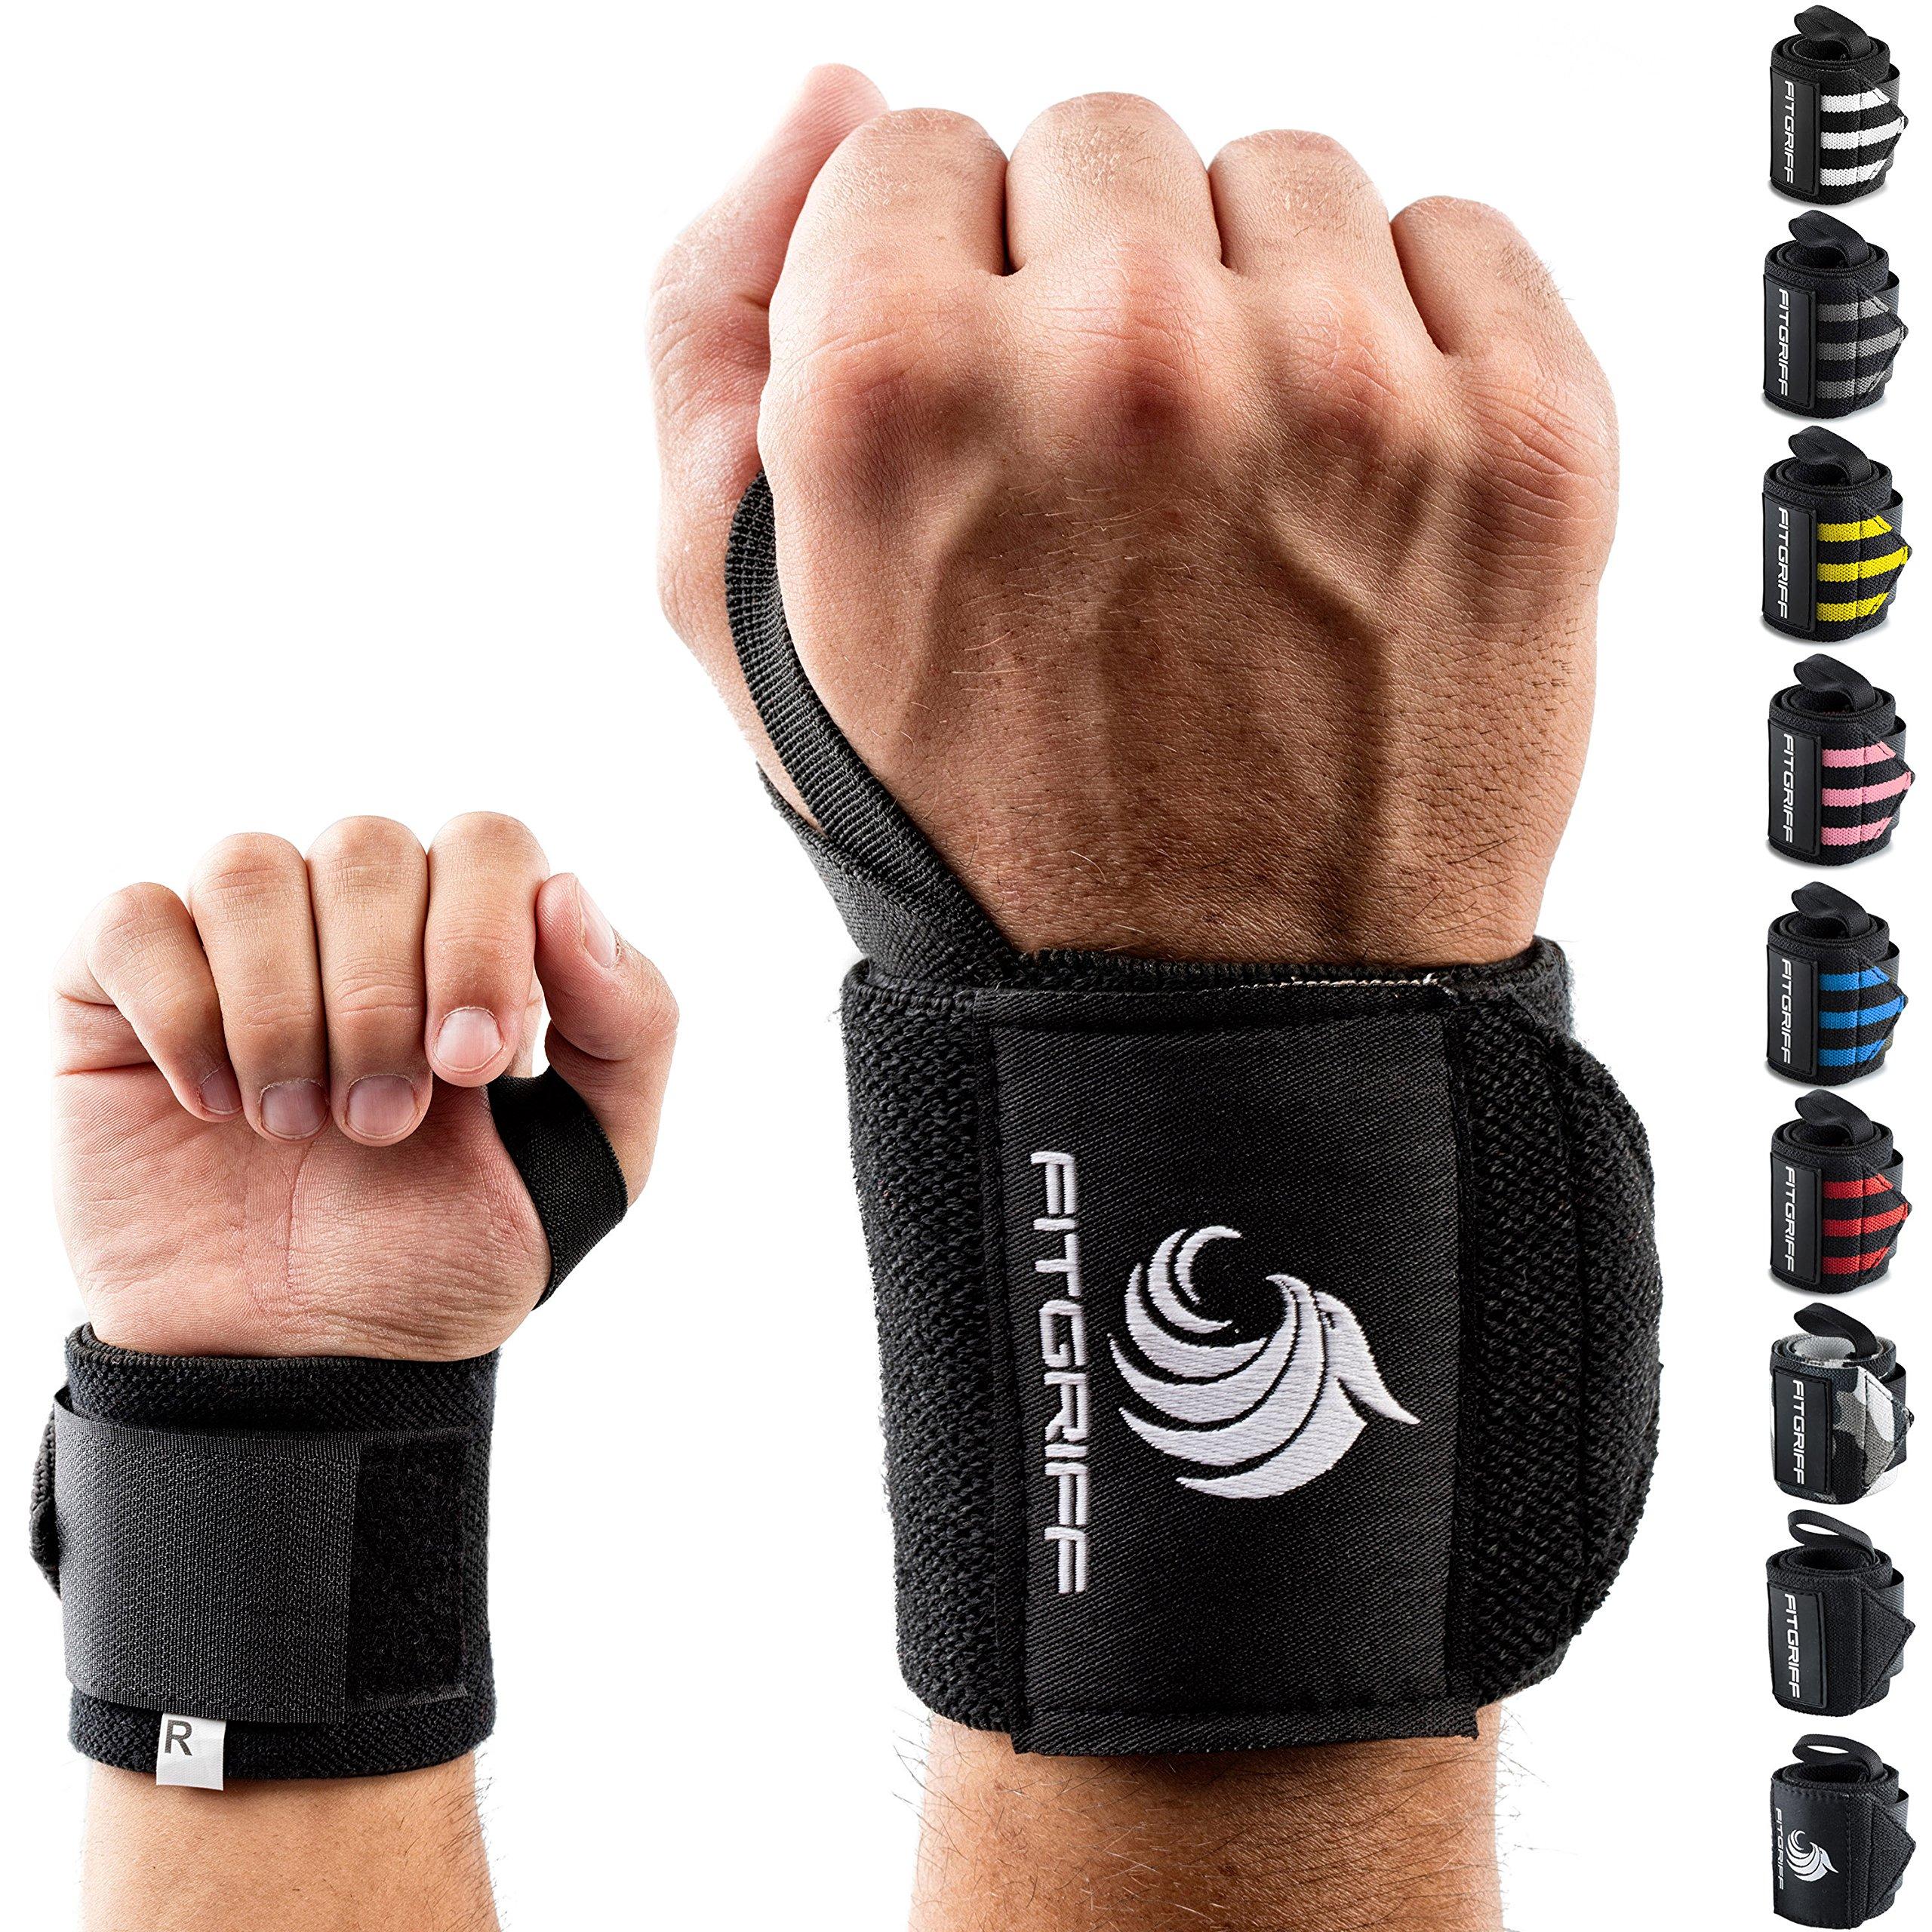 2 X Handgelenk Knöchel Bein Hand Gewicht Bandage Fitness-Studio Training